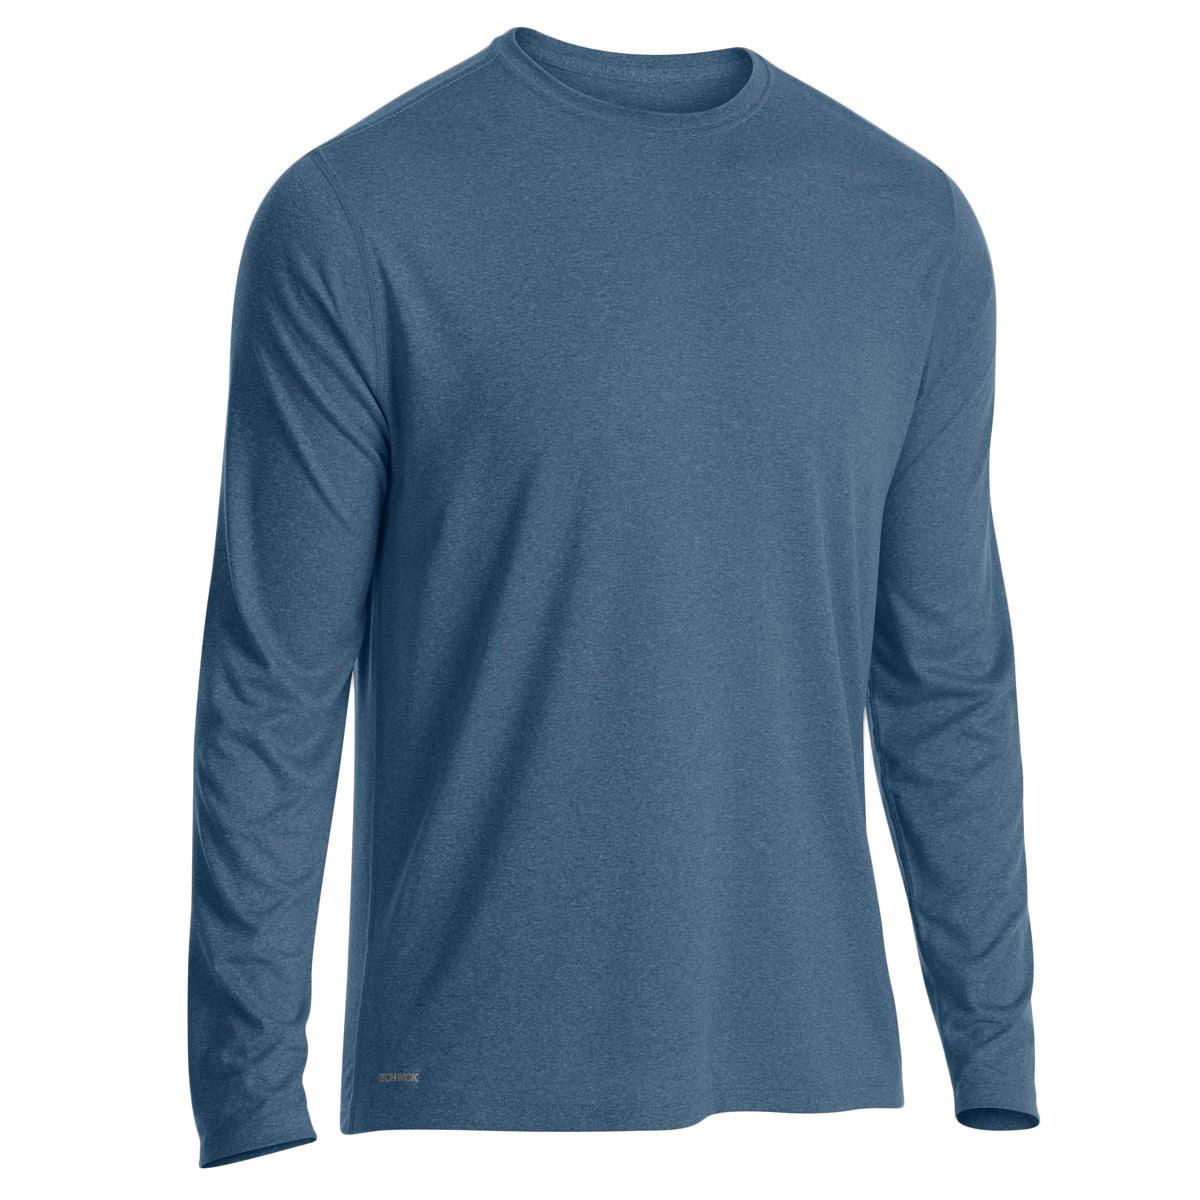 Ems Men's Techwick Essentials Long-Sleeve Shirt - Blue, XXXL